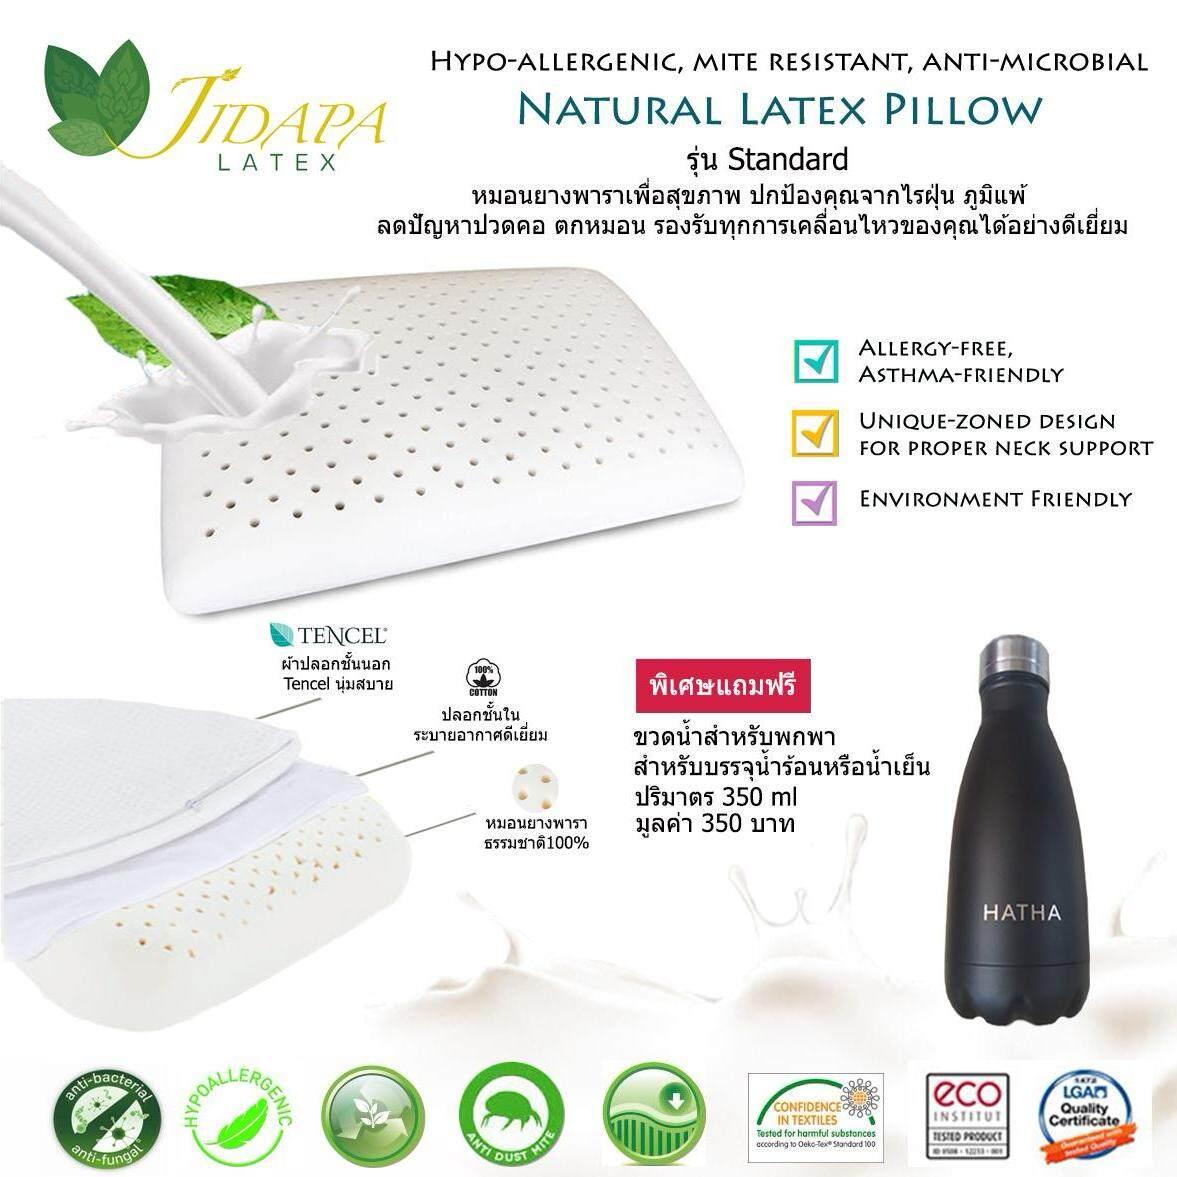 ขาย Jidapa Latex หมอนยางพาราธรรมชาติ 100 Standard Model ป้องกันไรฝุ่นและแบคทีเรีย ปลอกหมอนผ้า Tencel 100 พิเศษแถมฟรี ขวดน้ำสำหรับพกพา 350 Ml มูลค่า 350 บาท